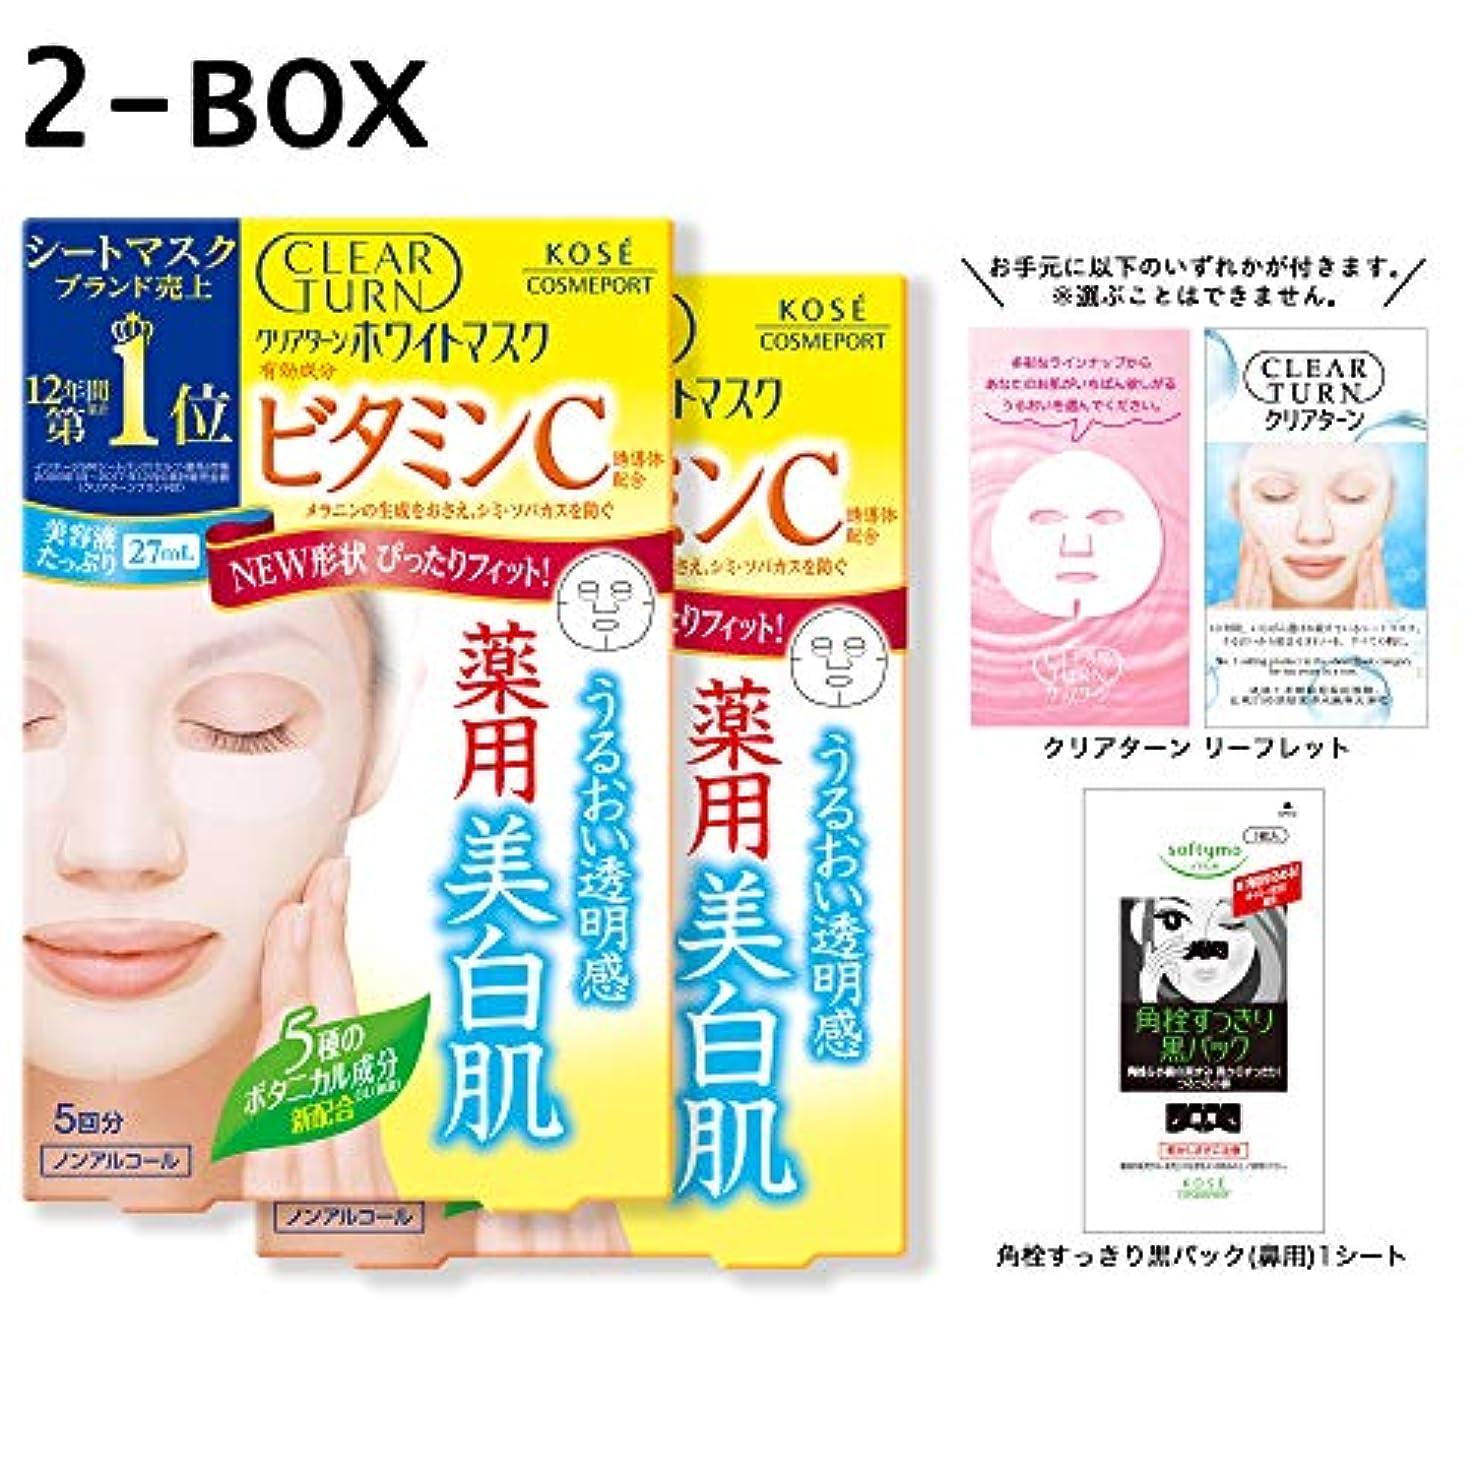 セッションユニークな祖先【Amazon.co.jp限定】KOSE クリアターン ホワイト マスク VC (ビタミンC) 5枚 2パック おまけ付 フェイスマスク (医薬部外品)